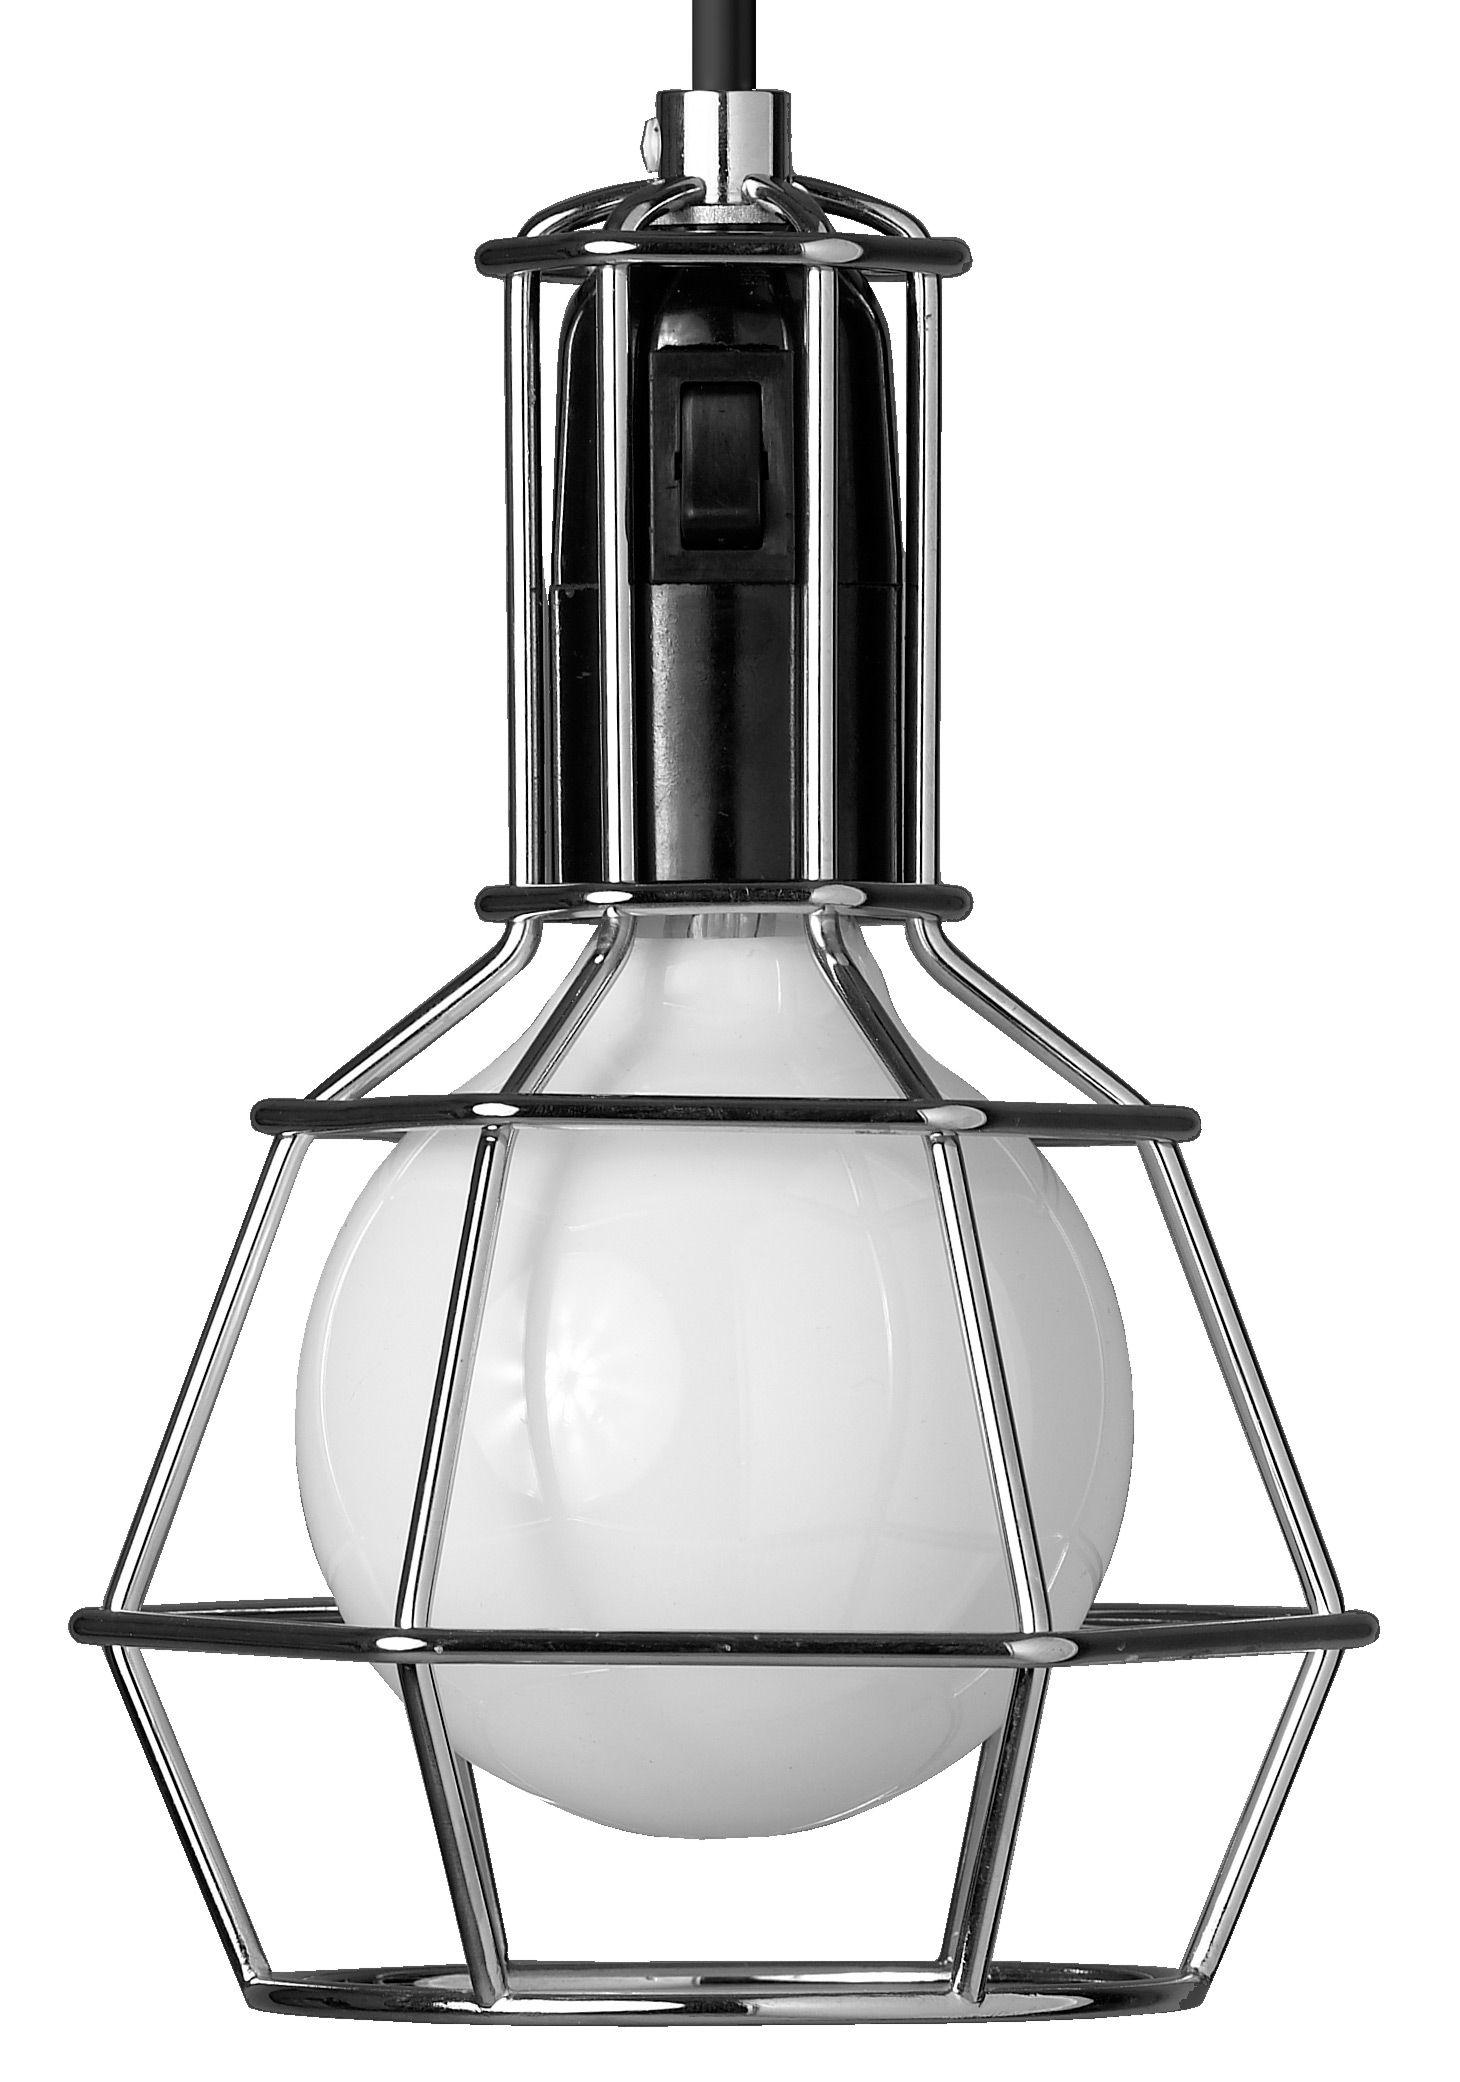 Leuchten - Tischleuchten - Work Taschenlampe Tisch- und Pendelleuchte - Design House Stockholm - Silber - verchromter Stahl